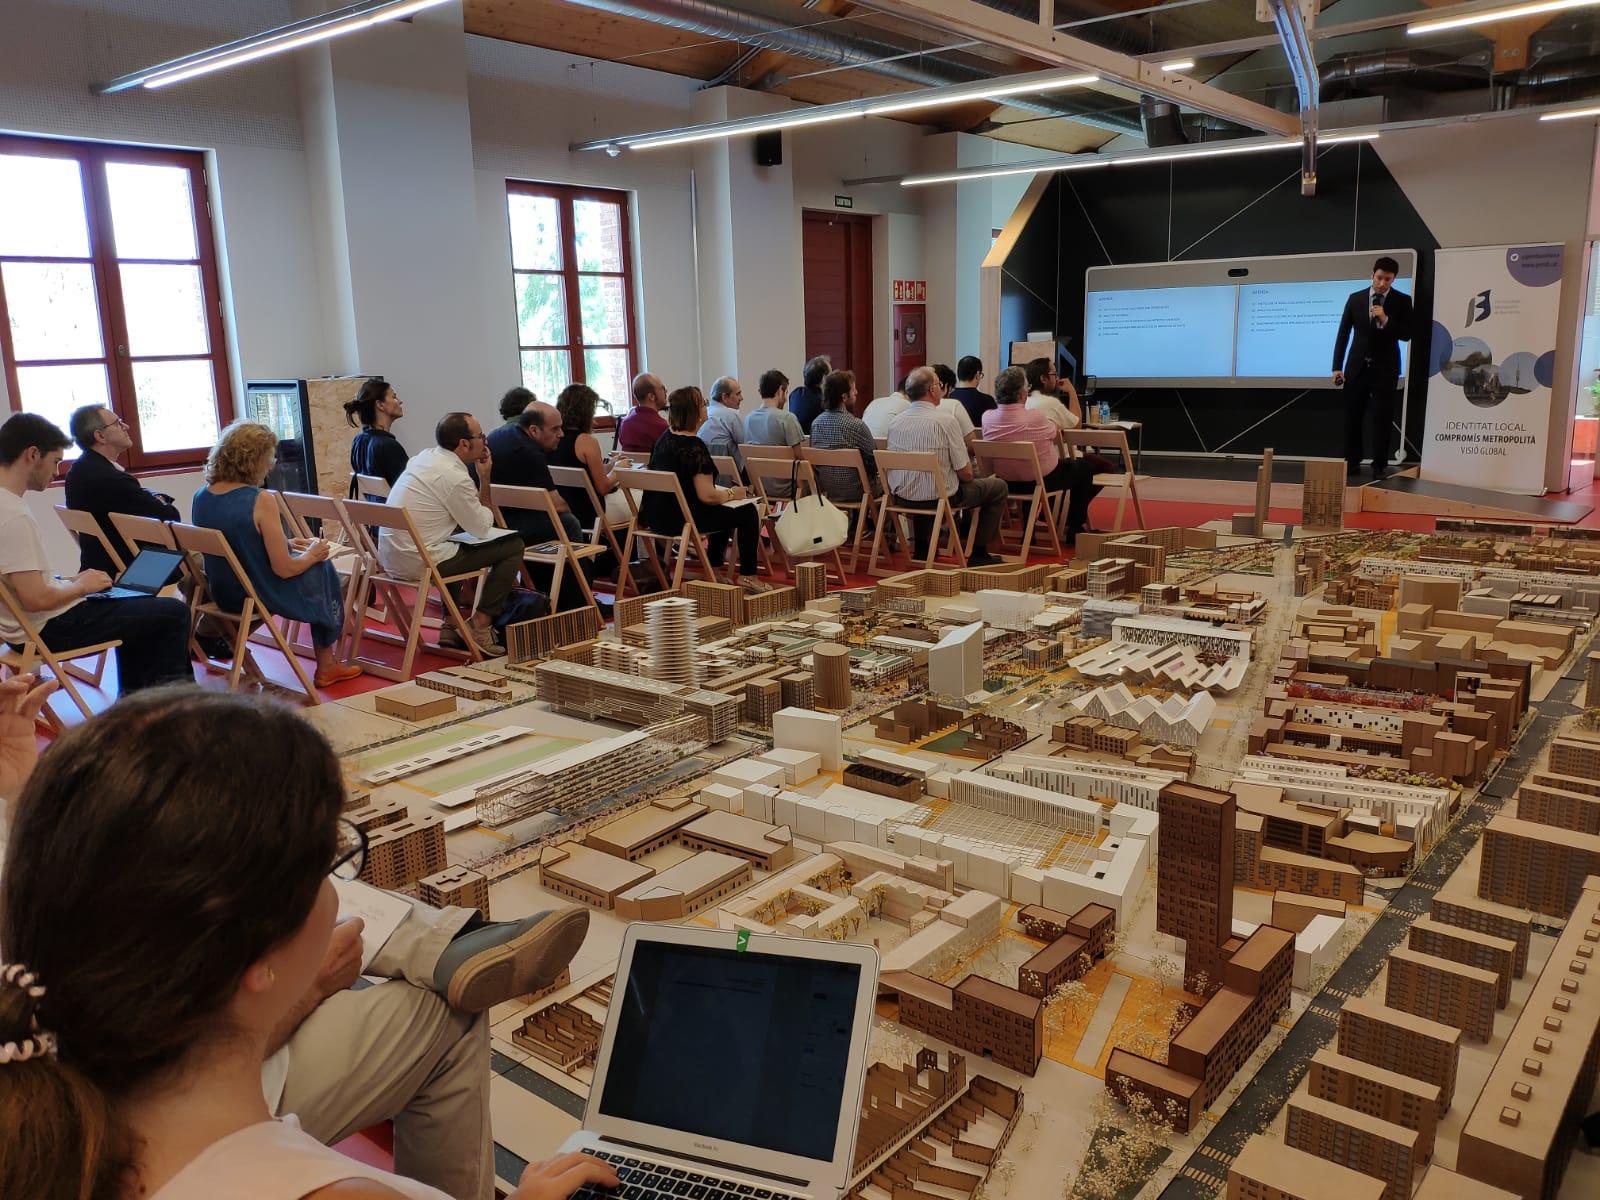 Ramon Gras en Ca l'Alier, ante la exposición de Trabajos Fin de Grado (TFG) de UIC Barcelona School of Architecture